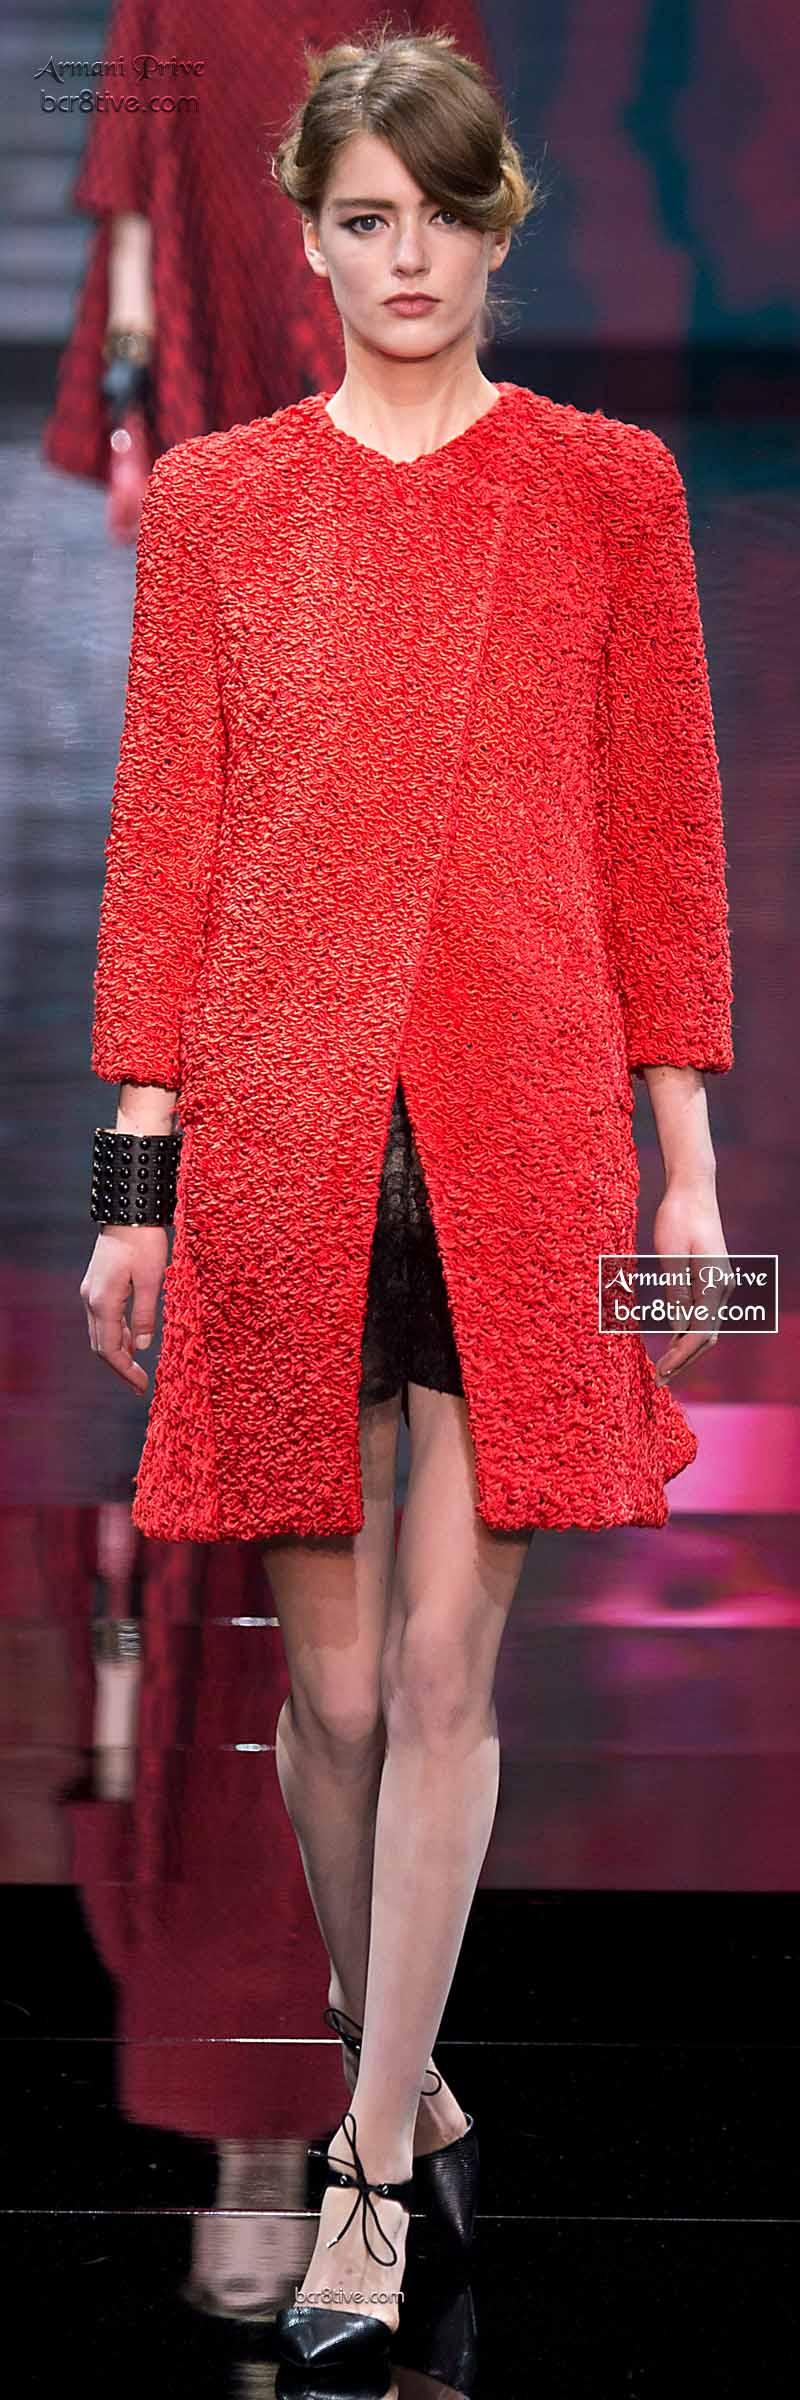 Armani Couture Fall 2014 Winter Collection 15 Privé Haute HrwqzOH